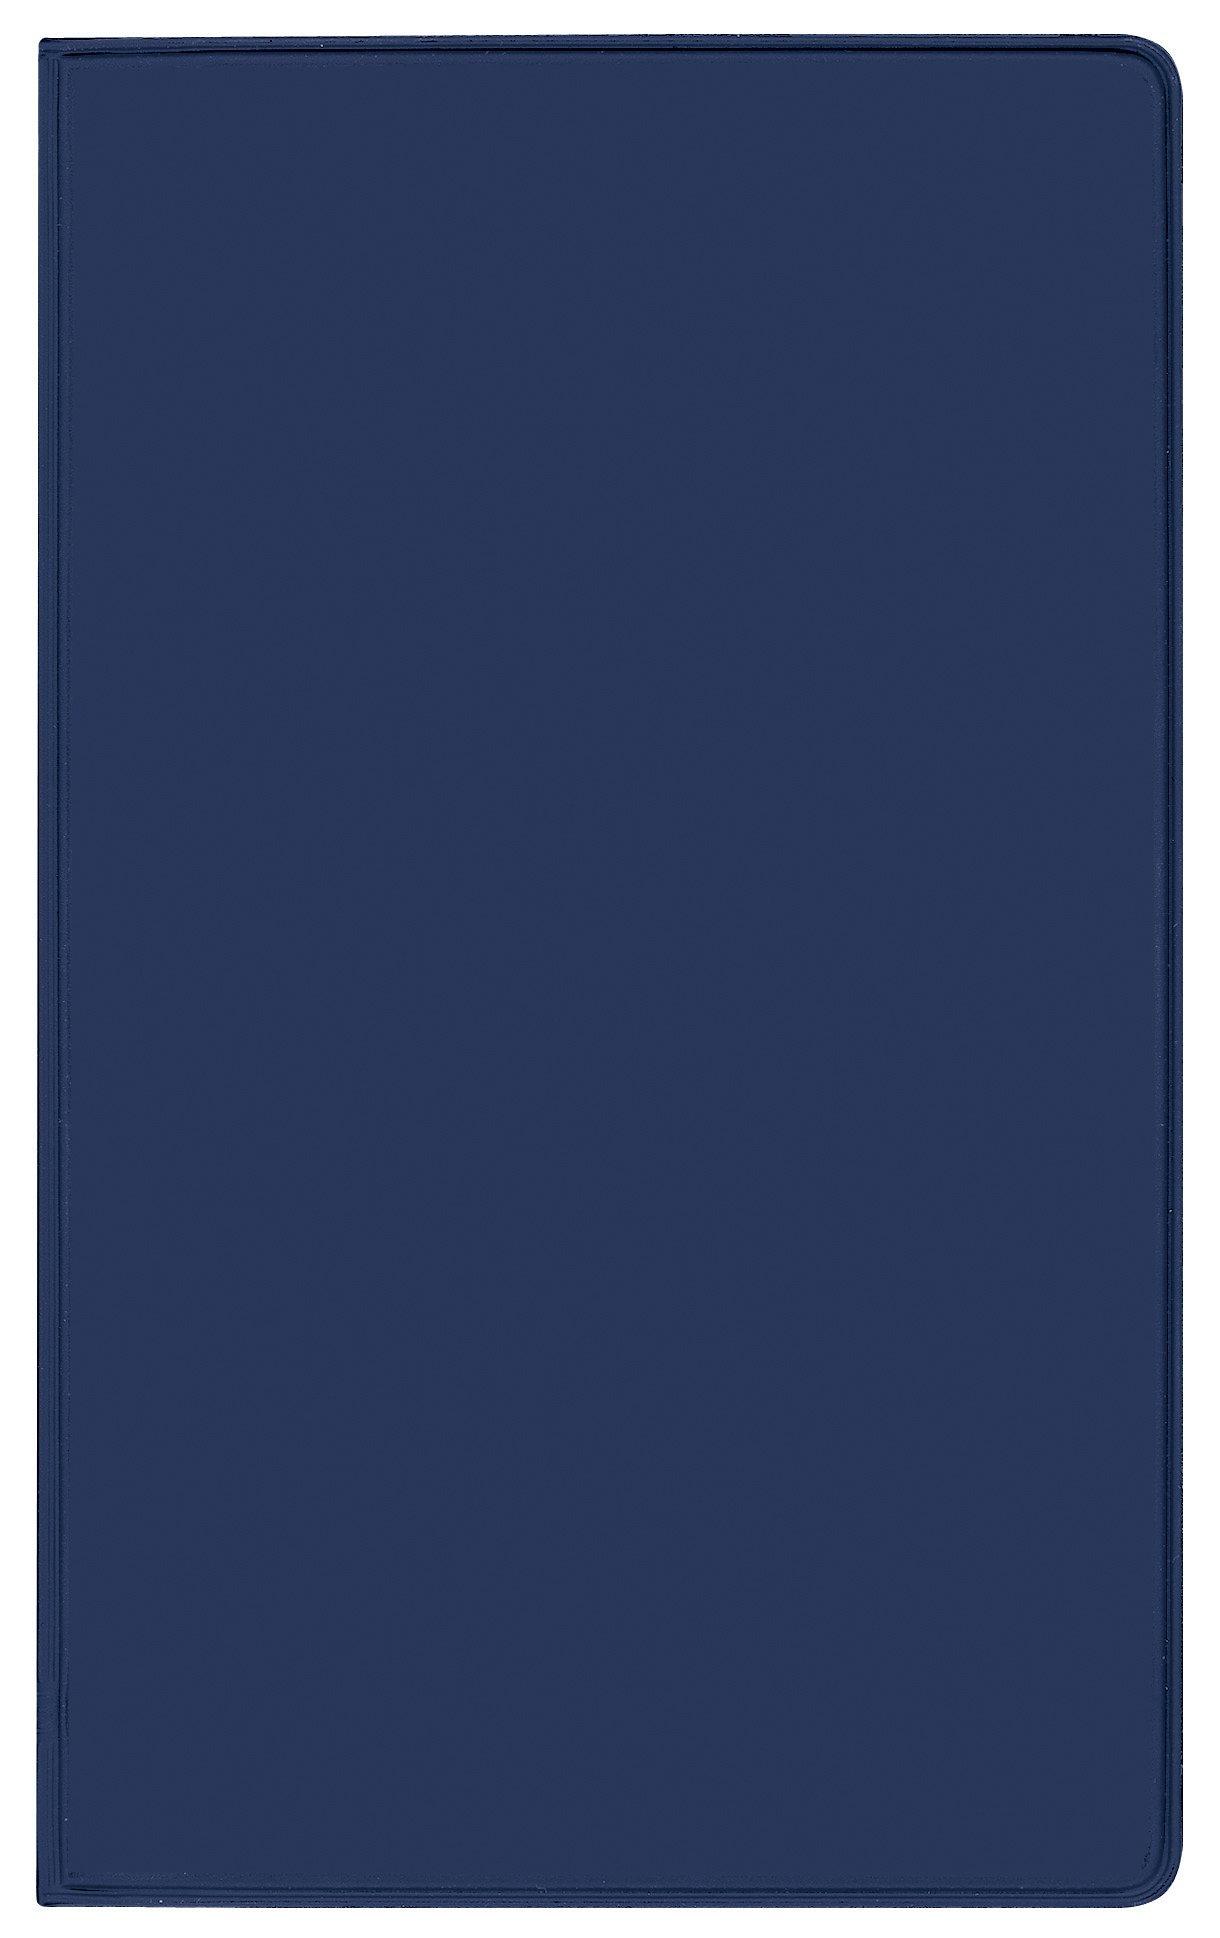 Taschenkalender Pluto geheftet PVC blau 2019: Terminplaner mit Monatskalendarium und Uhrzeit. Dünner Buchkalender - wiederverwendbar. 1 Monat 2 Seiten. 8,7 x 15,3 cm